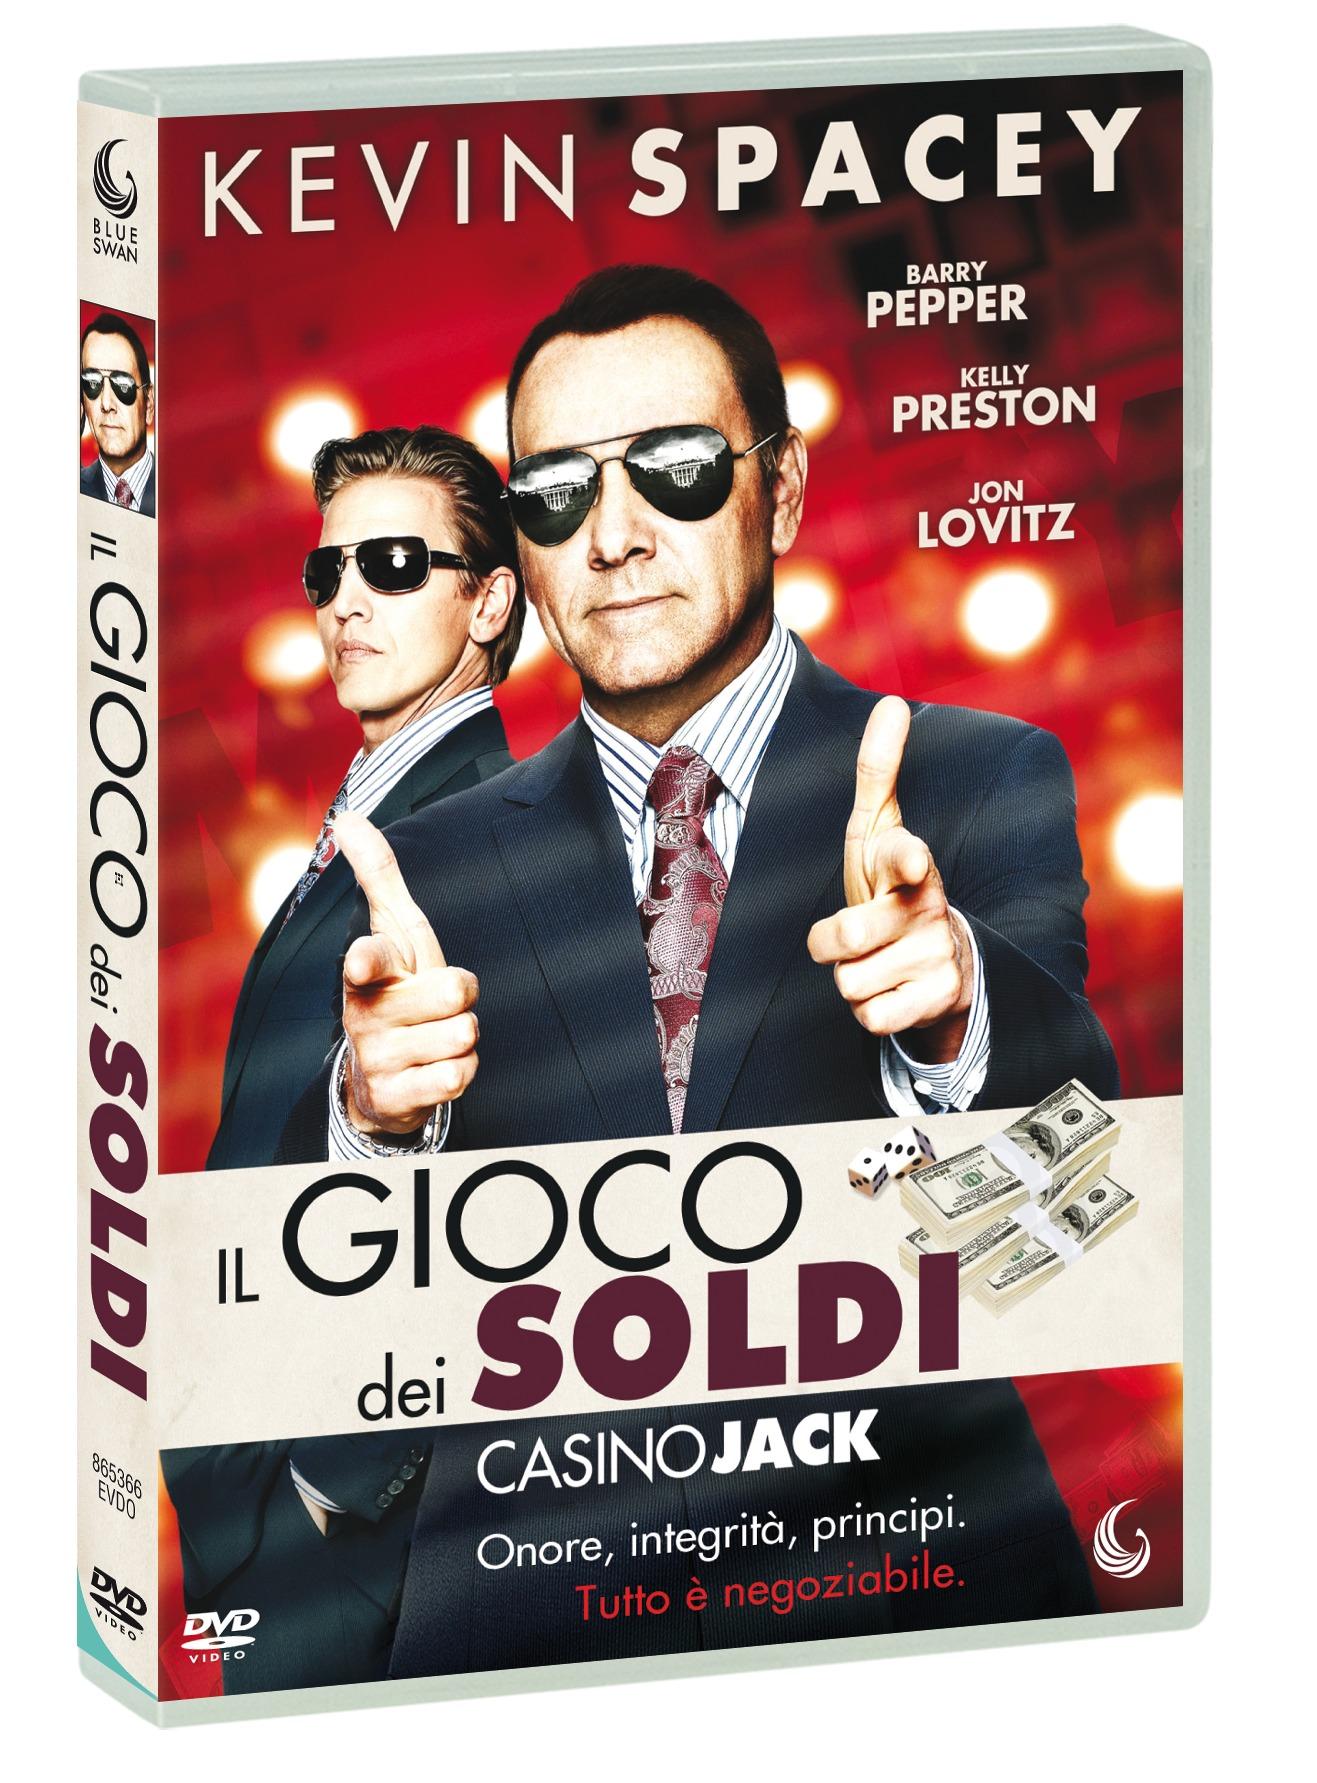 IL GIOCO DEI SOLDI (DVD)